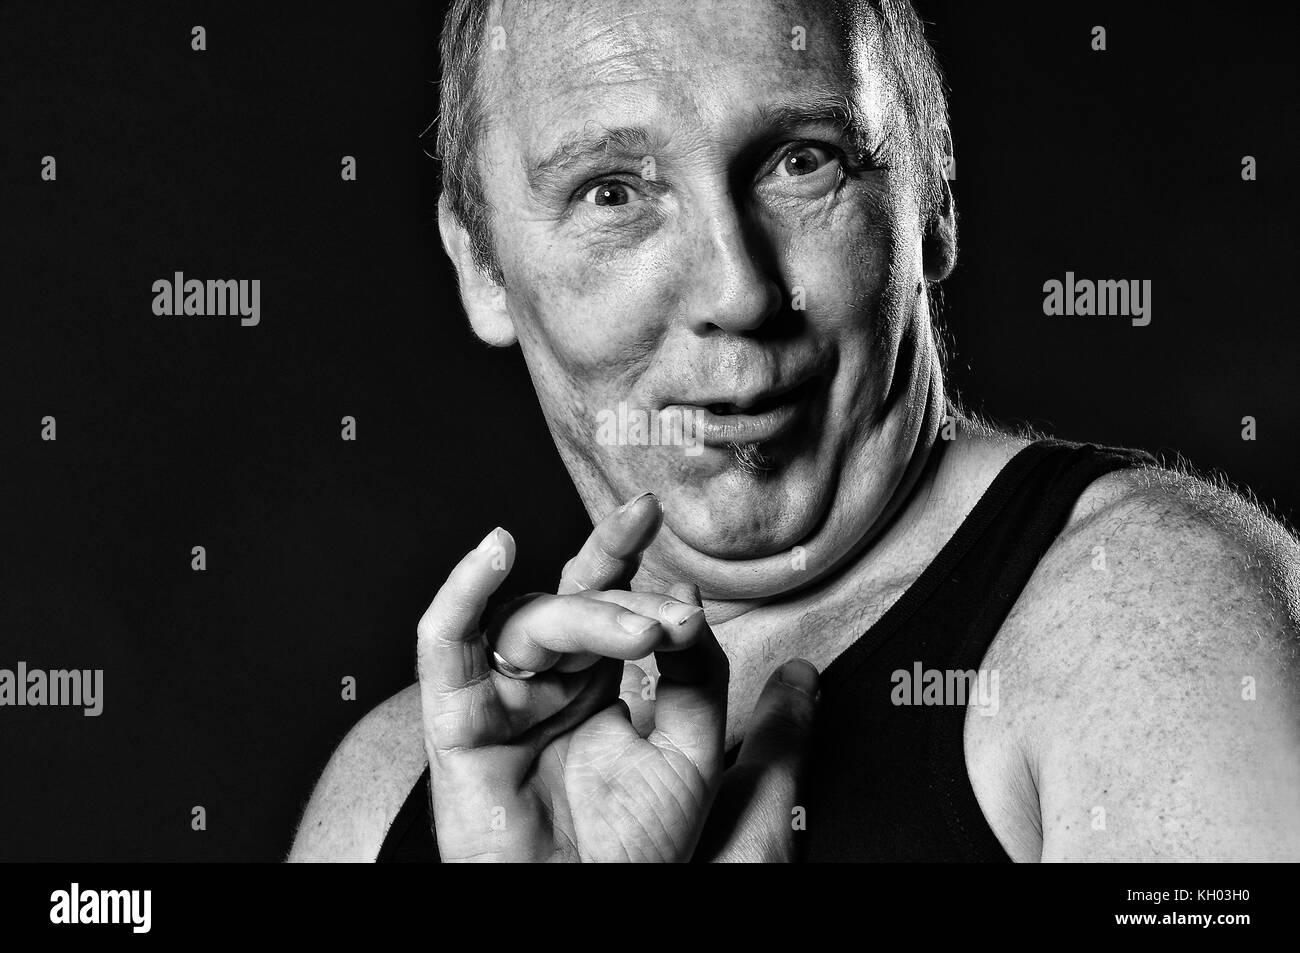 Portrait von einem Mann in Schwarz weis. - Stock Image